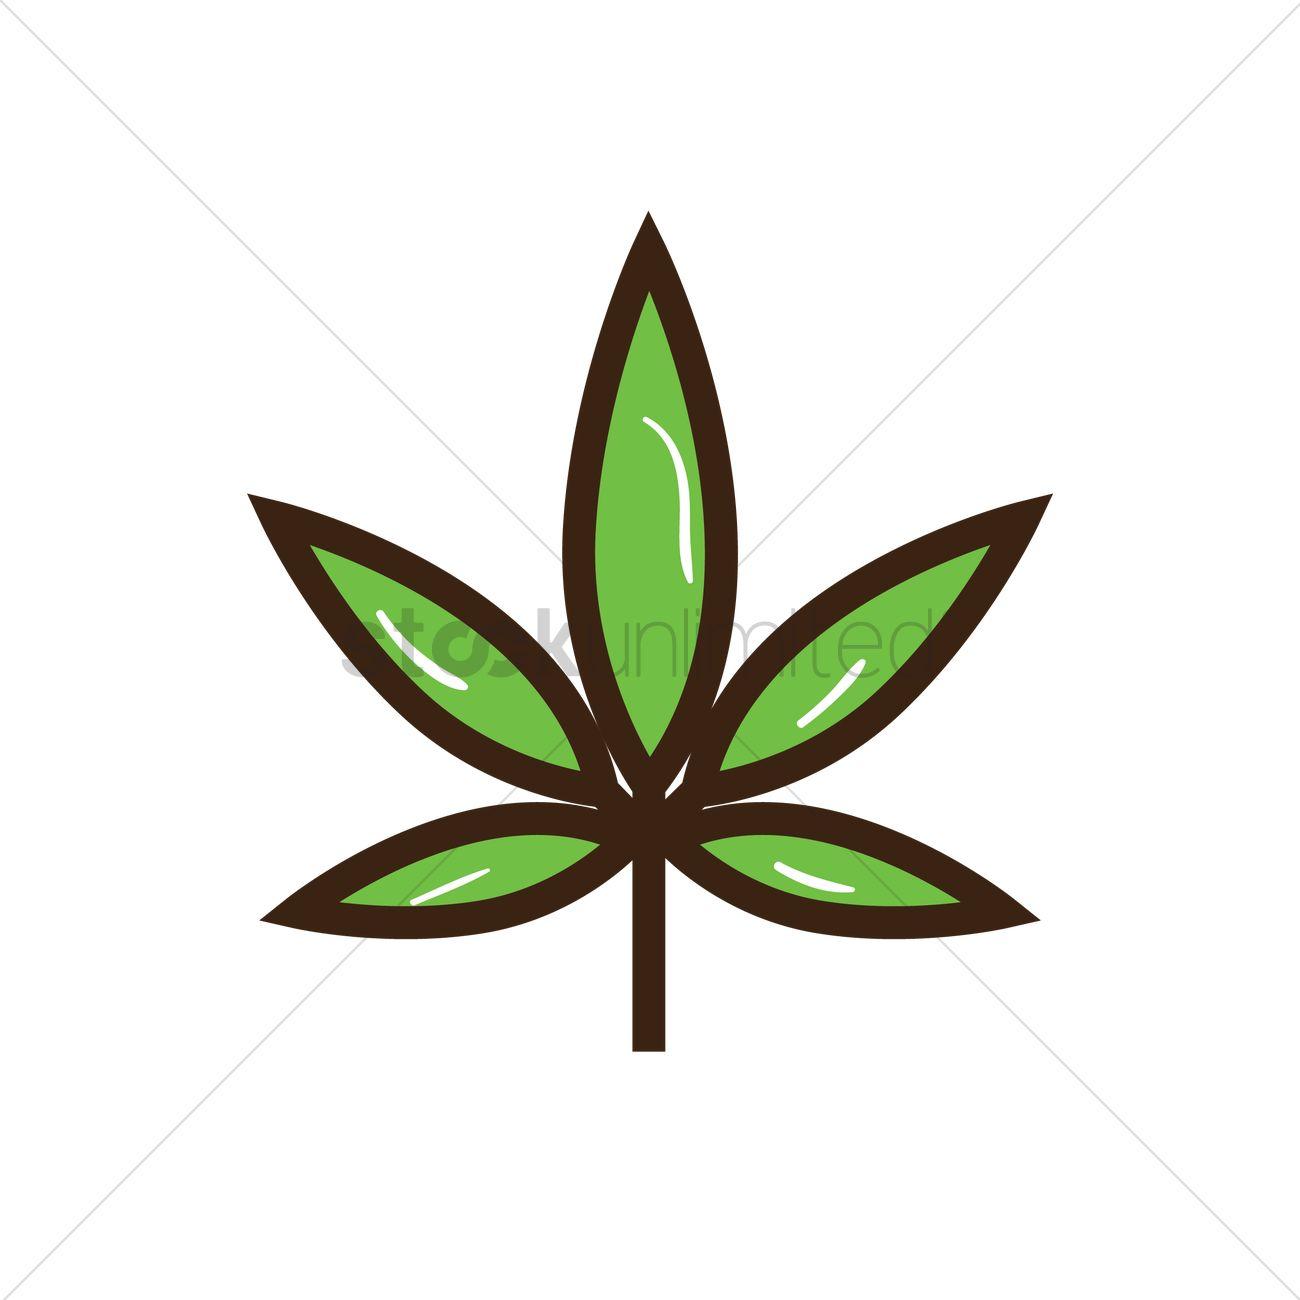 marijuana leaf vector image 2015137 stockunlimited rh stockunlimited com marijuana leaf vector icon marijuana leaf vector free download